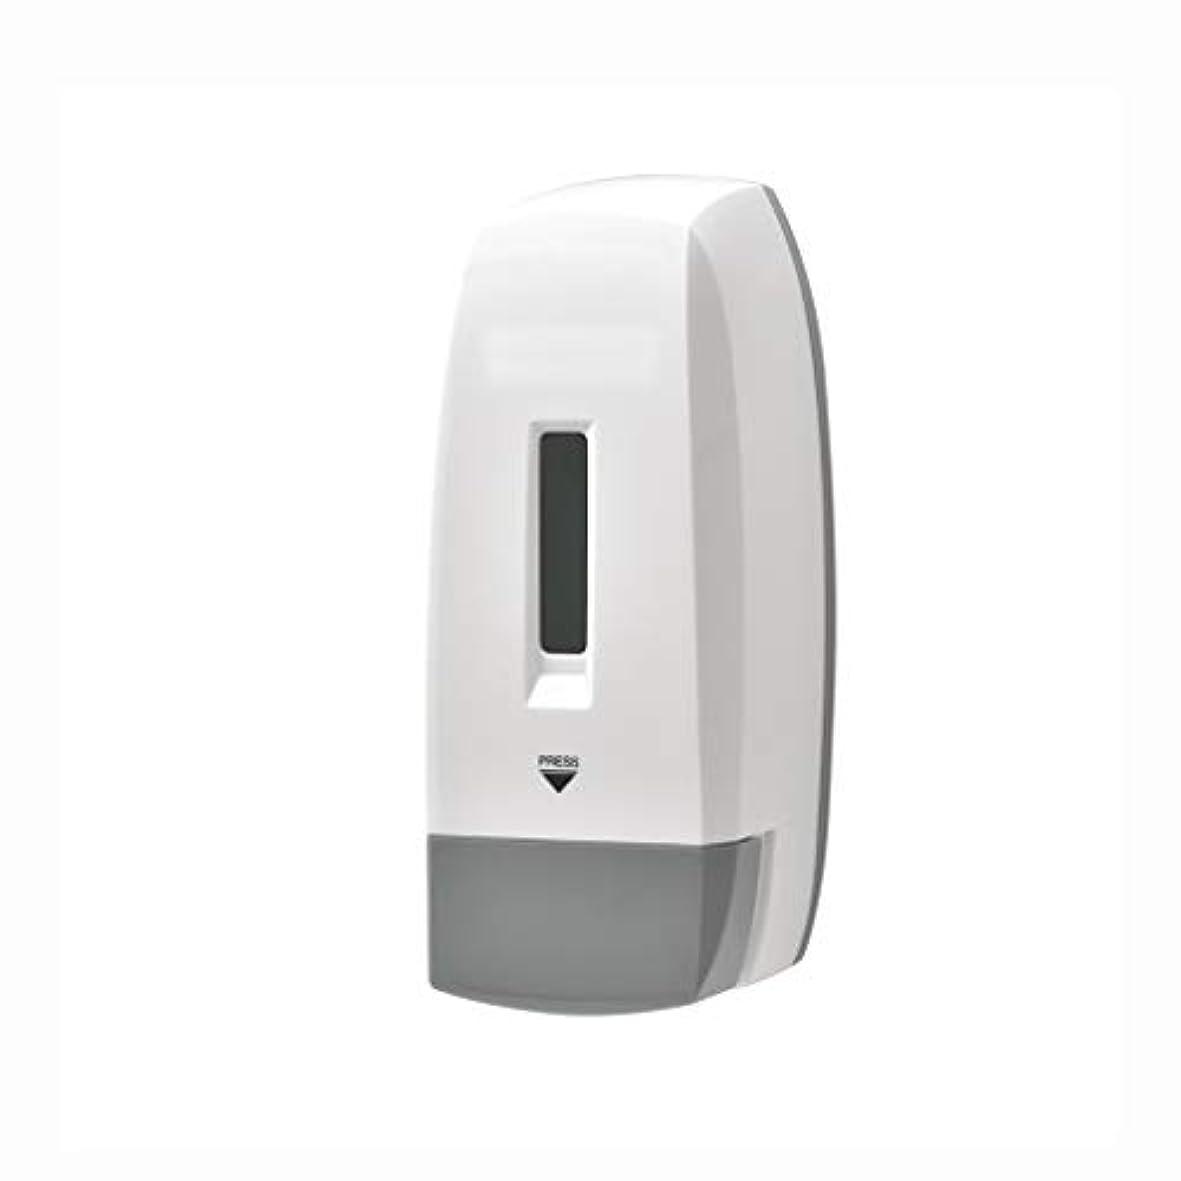 せっけん ソープディスペンサーフリーパンチ手動ソープディスペンサー壁手指消毒剤家庭用洗剤洗剤手指衛生ボトル 新しい